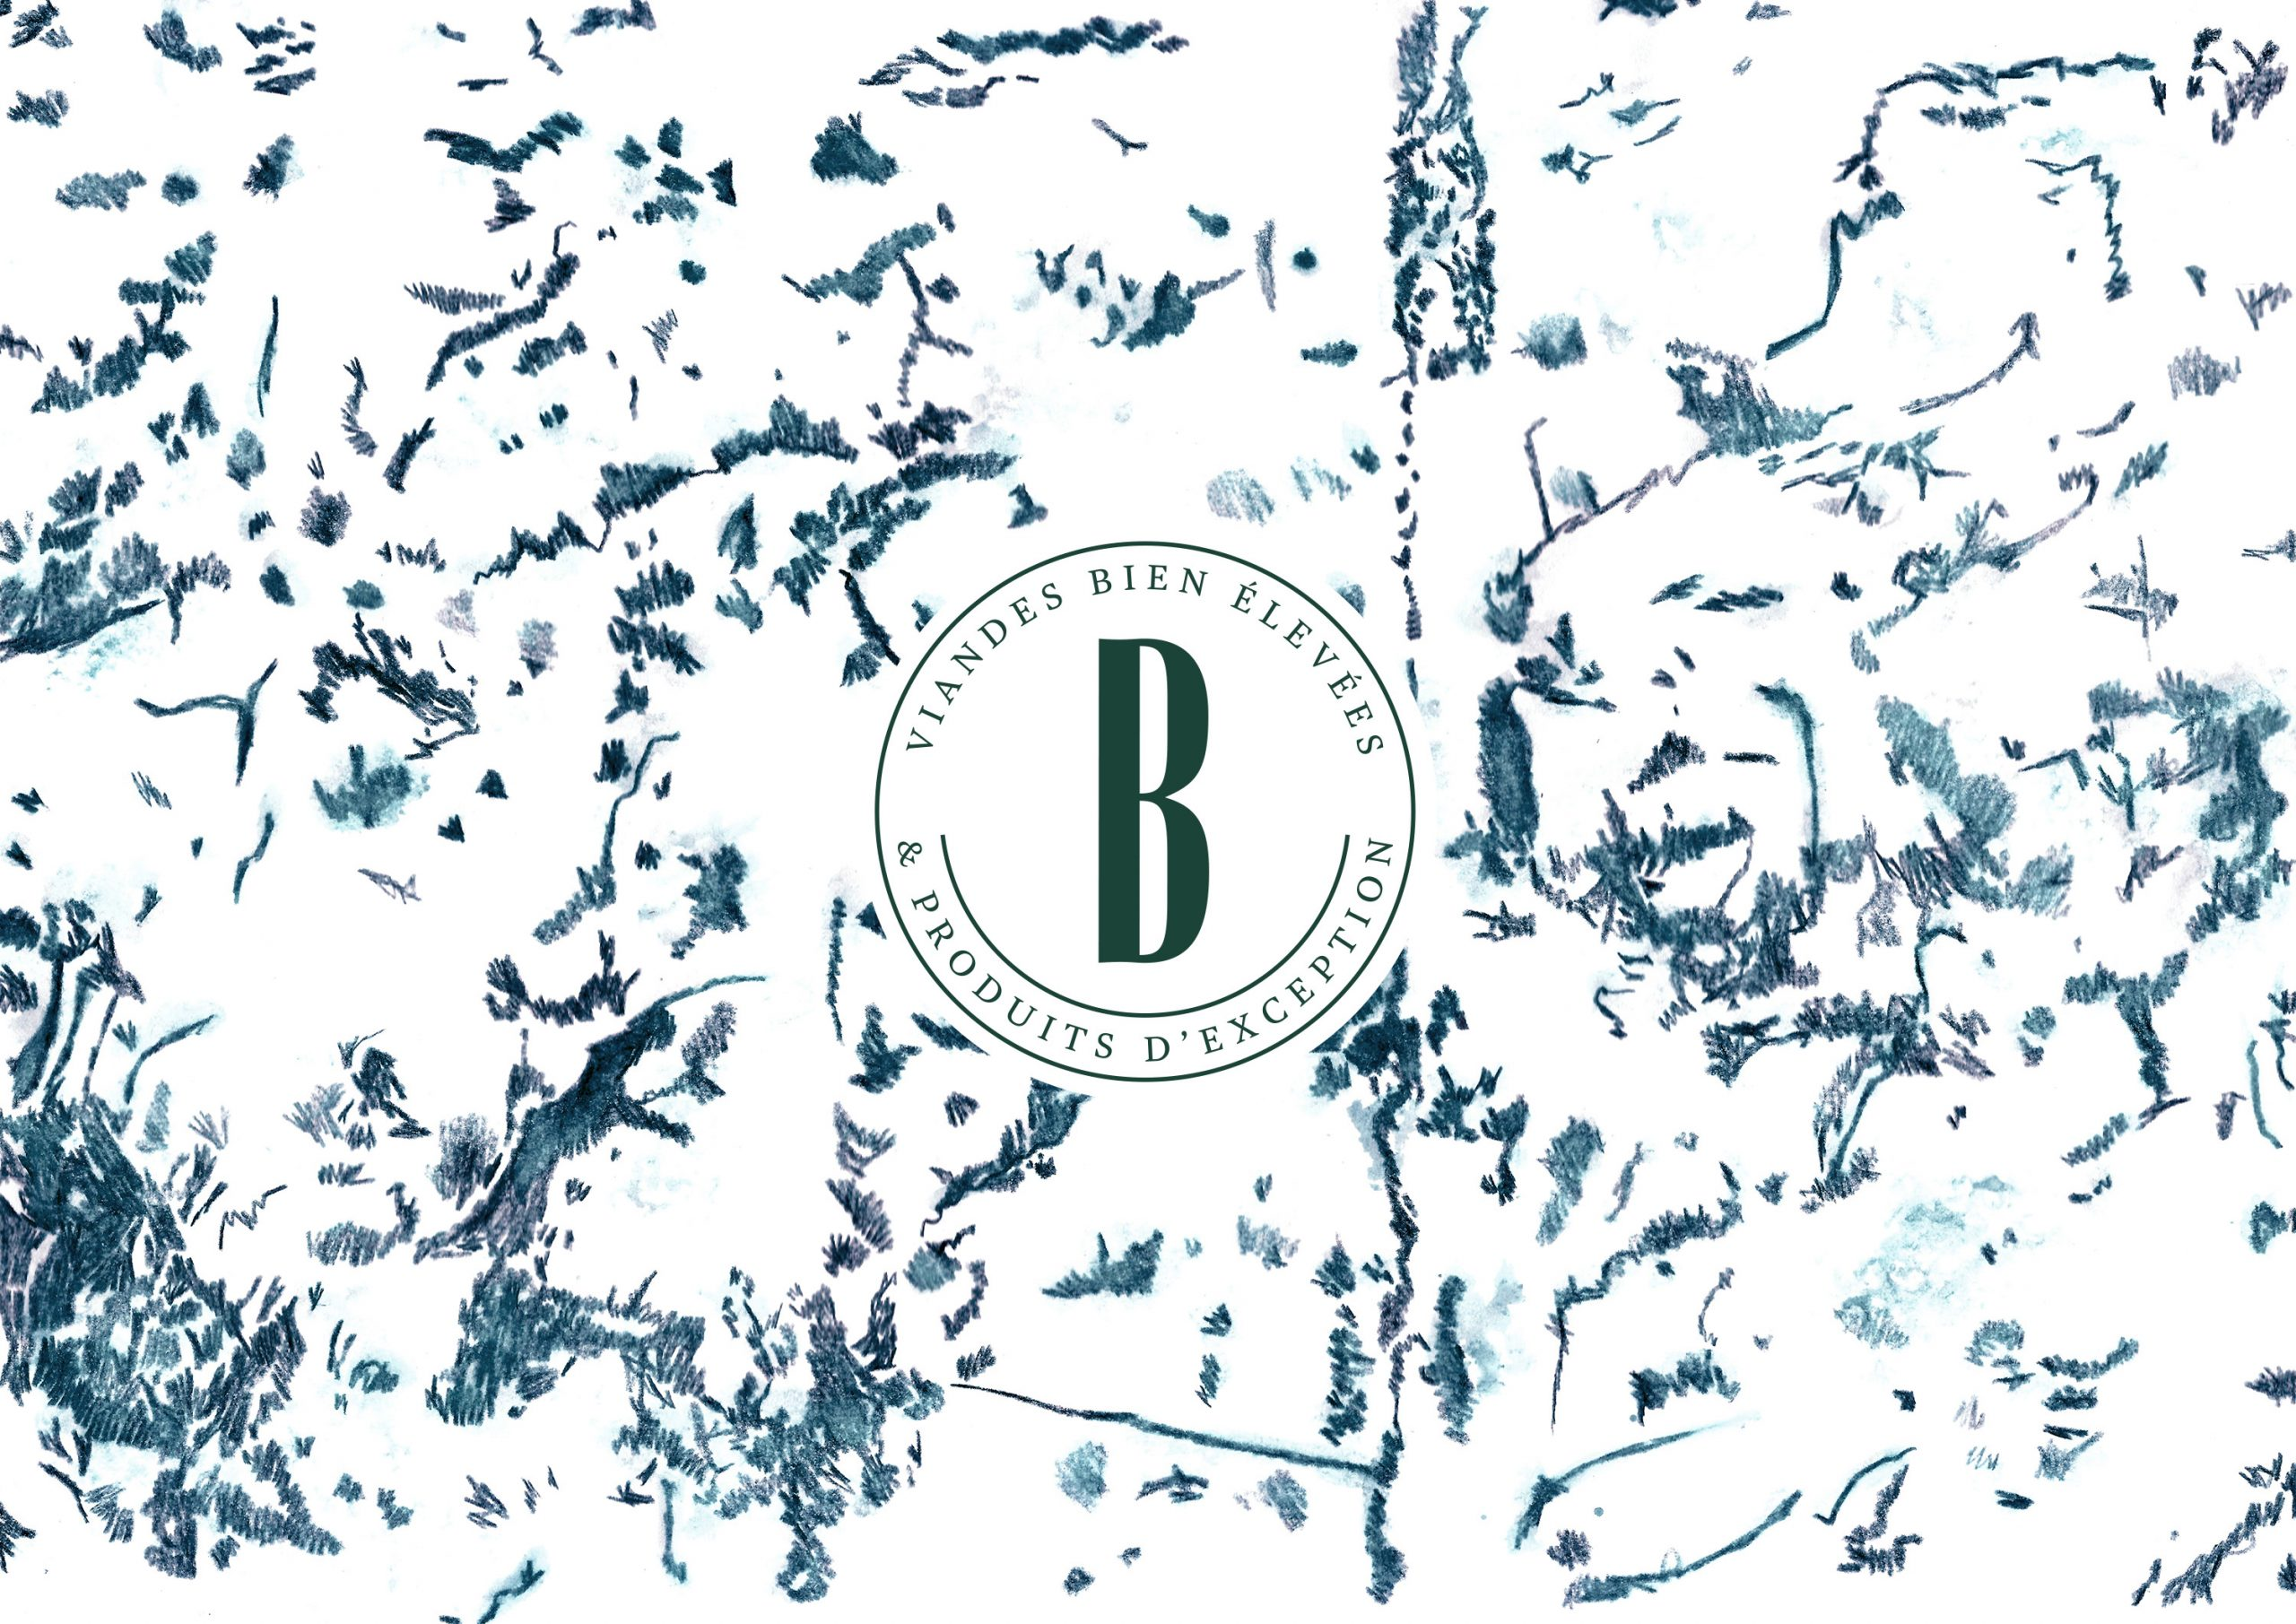 Beaugrain pattern crèmerie